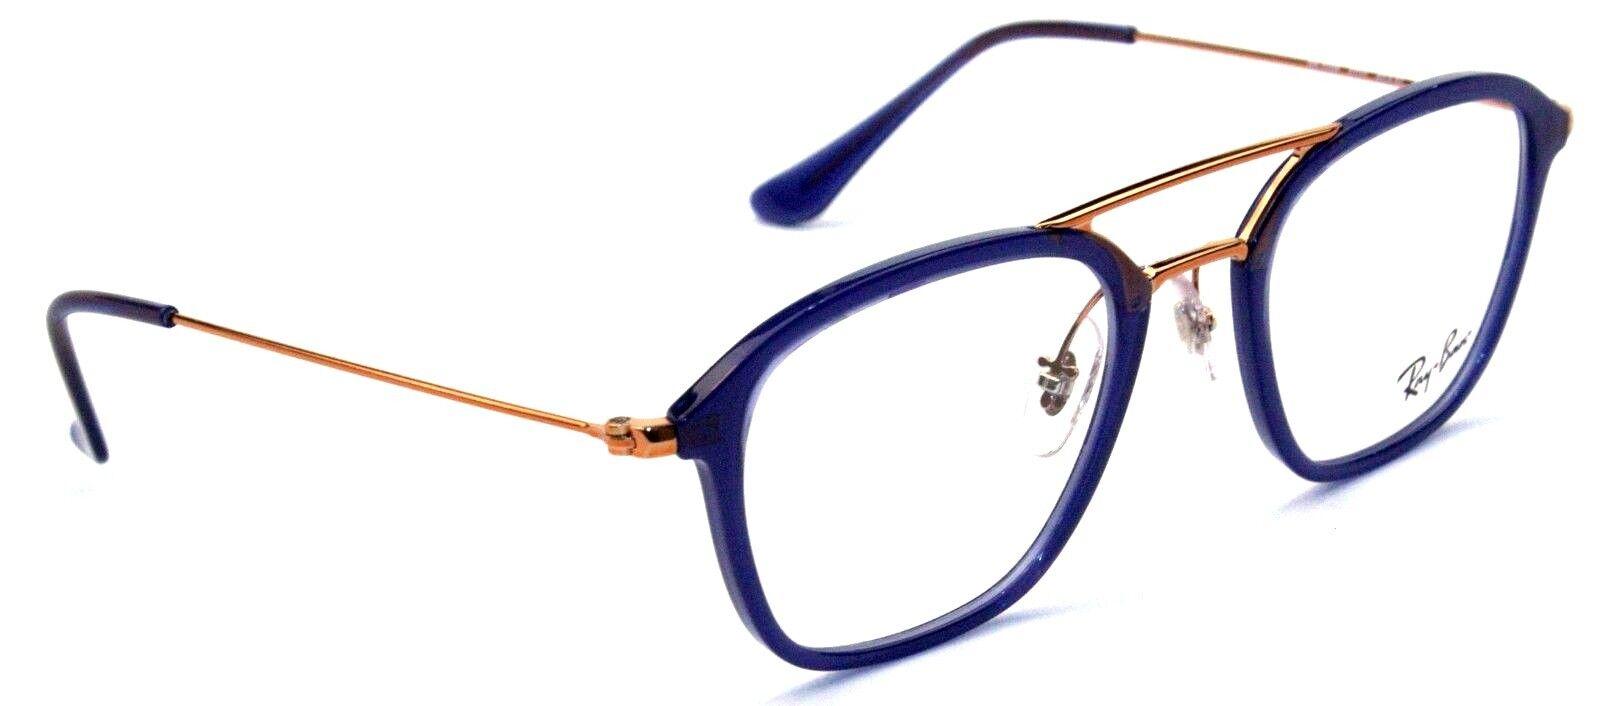 Ray-Ban Damen Herren Brillenfassung RB7098 5727 50mm  blau 470A T75